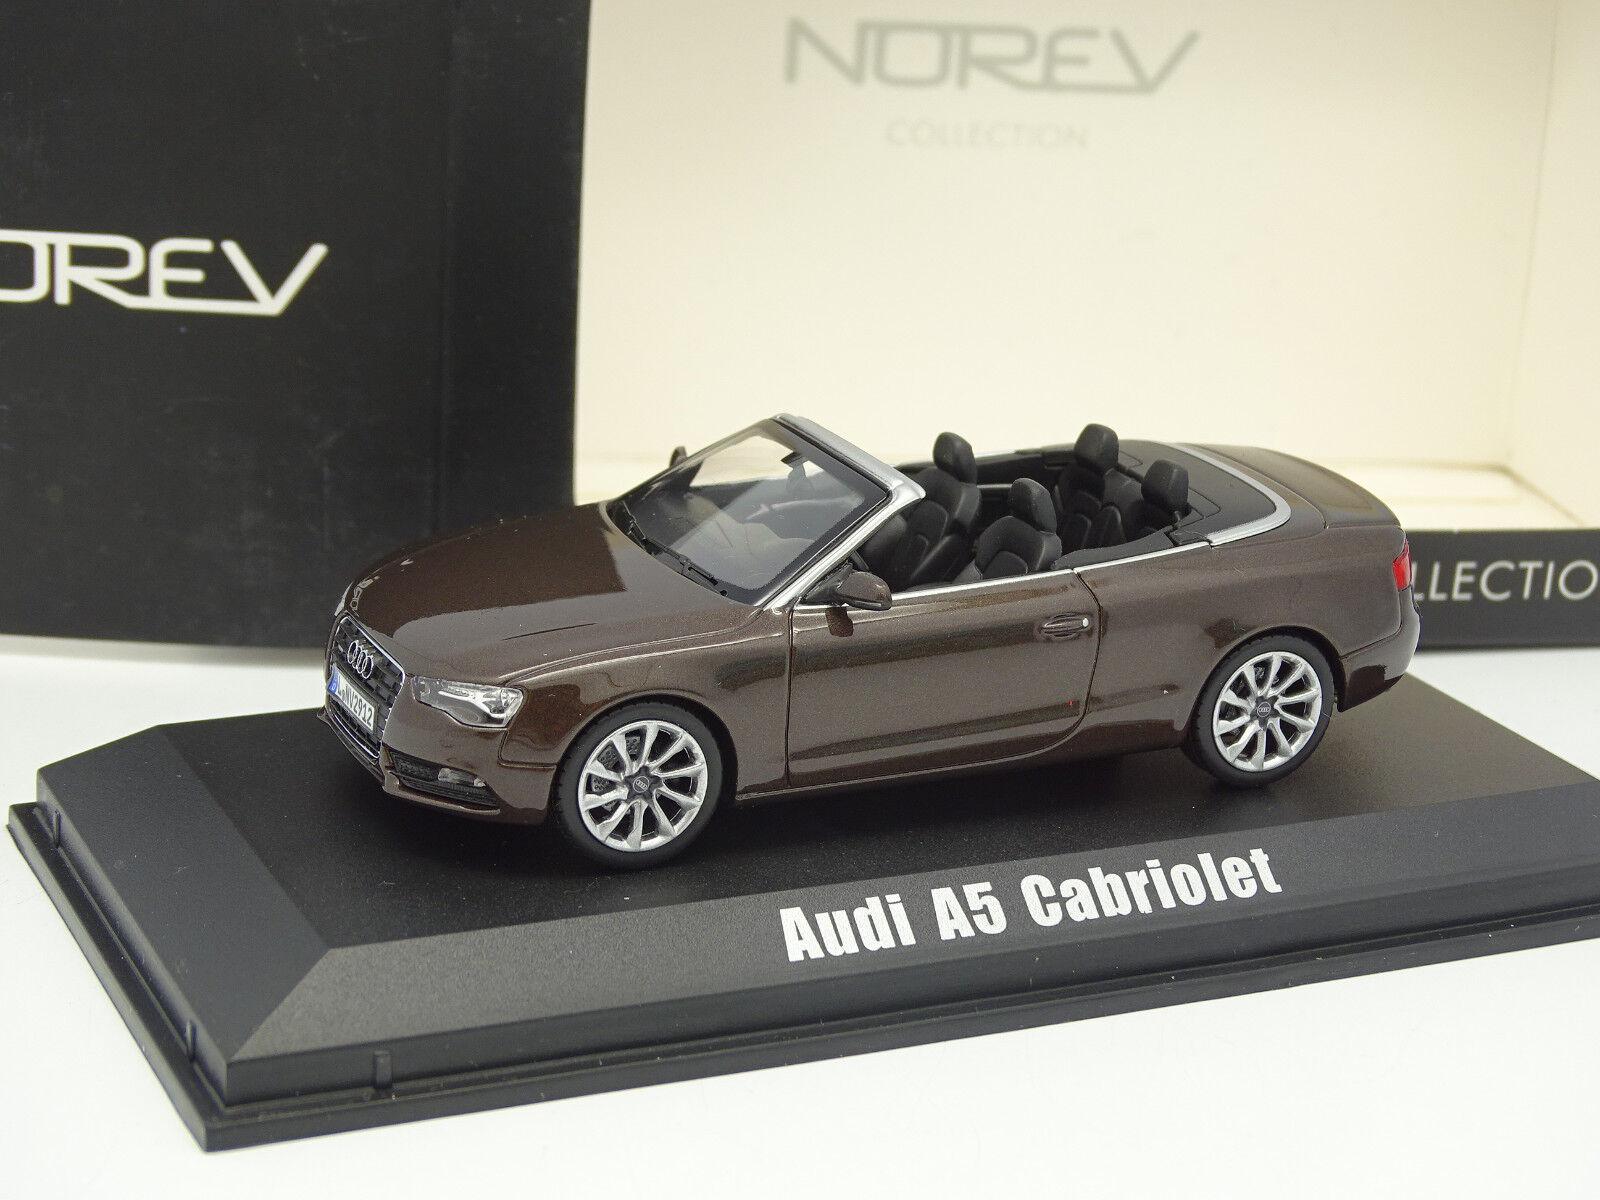 Norev 1 43 - Audi A5 Cabriolet Marron